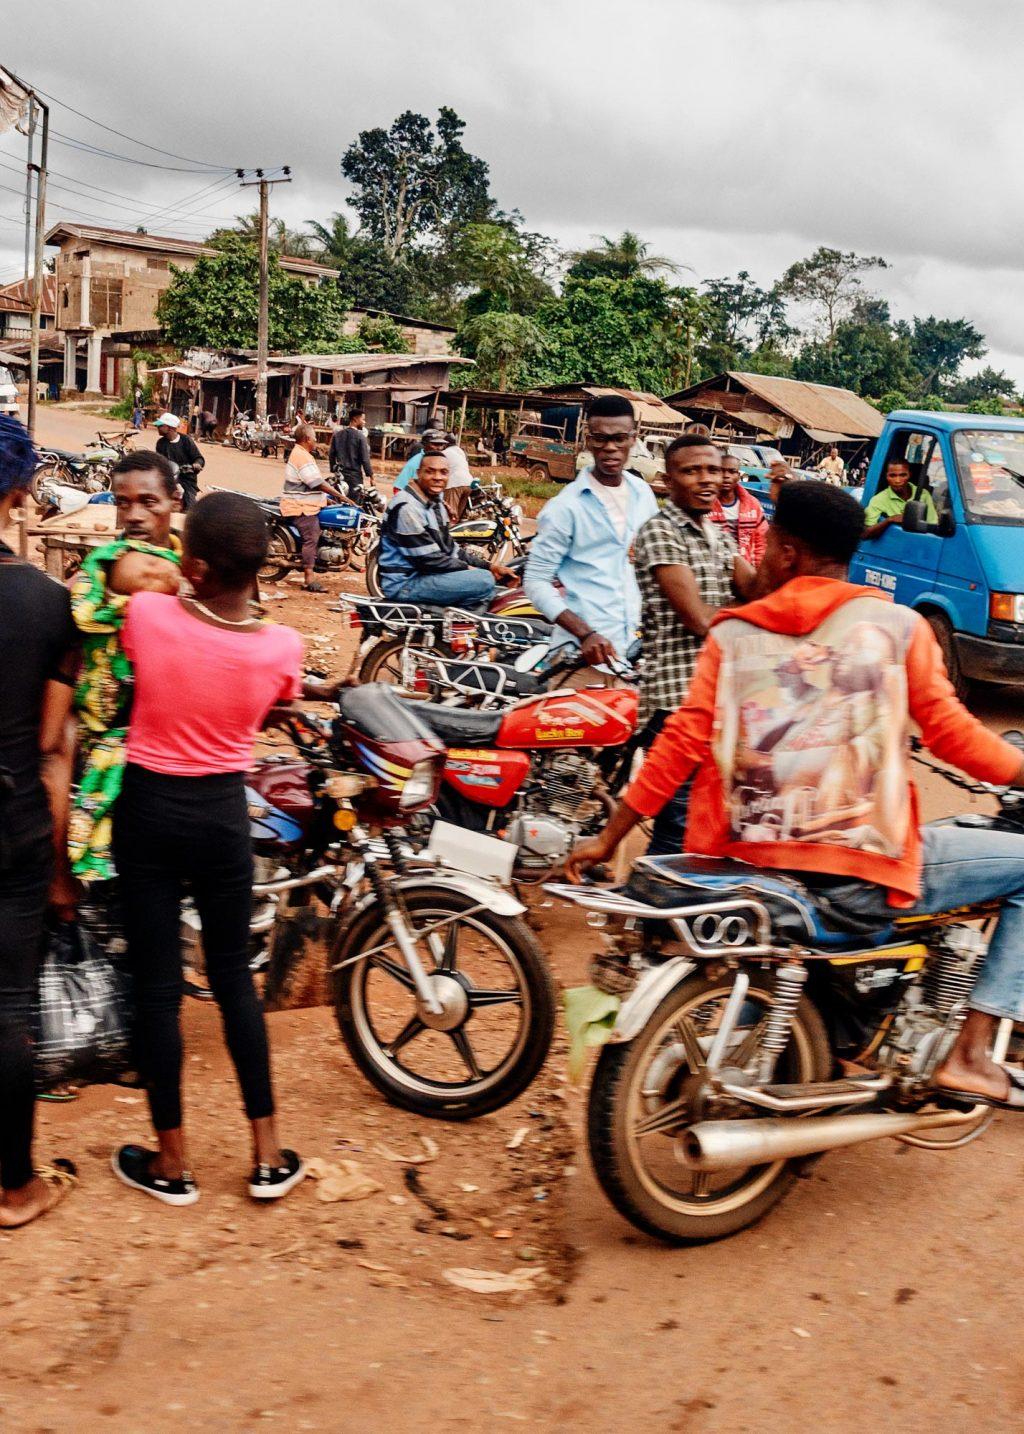 Lagos, Nigeria Travel Patrick Desbrosses